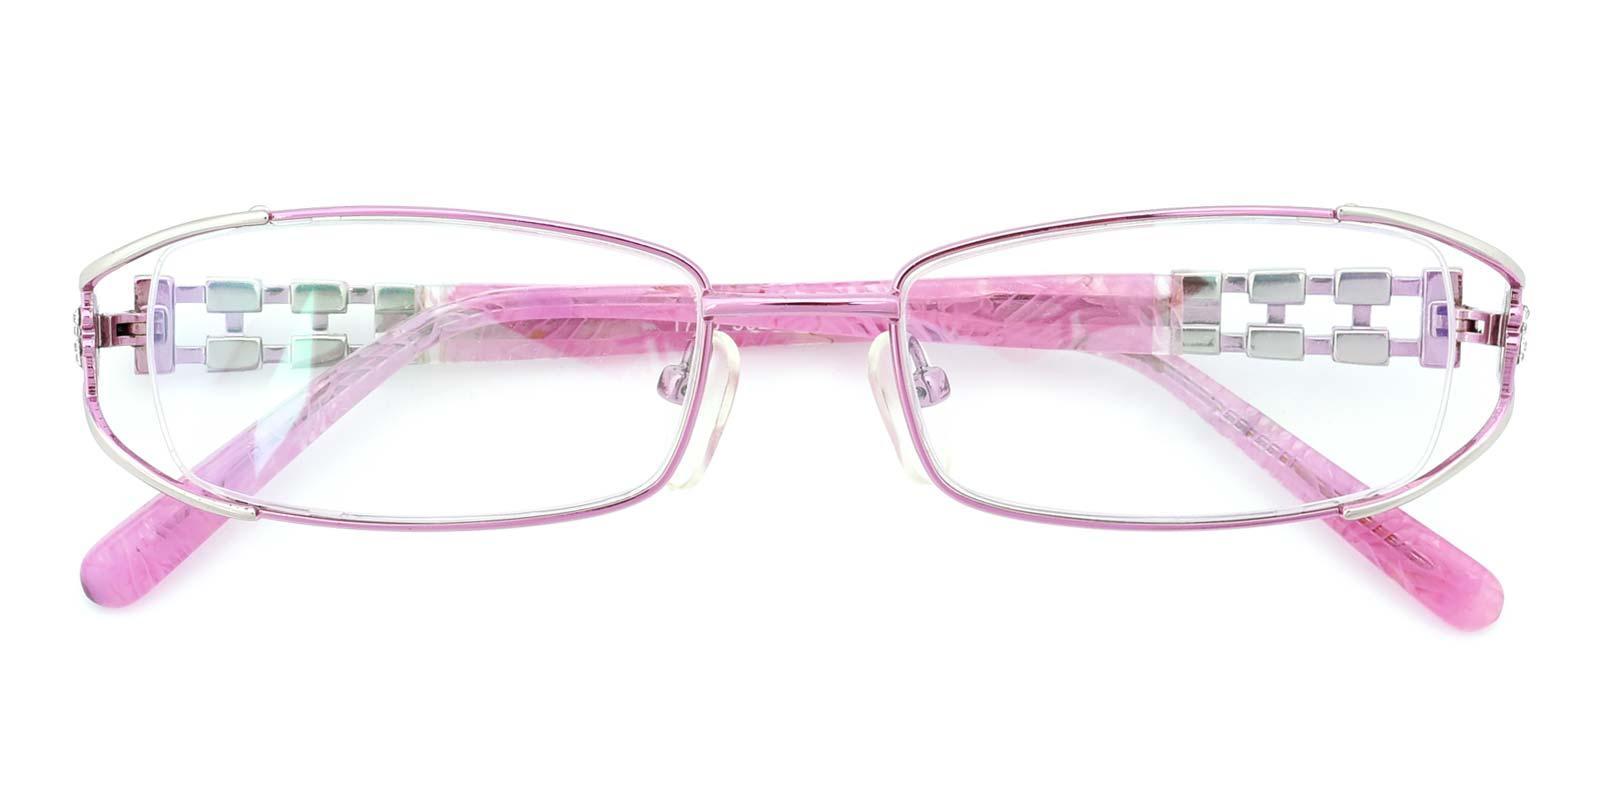 Kaki-Pink-Rectangle-Metal-Eyeglasses-detail